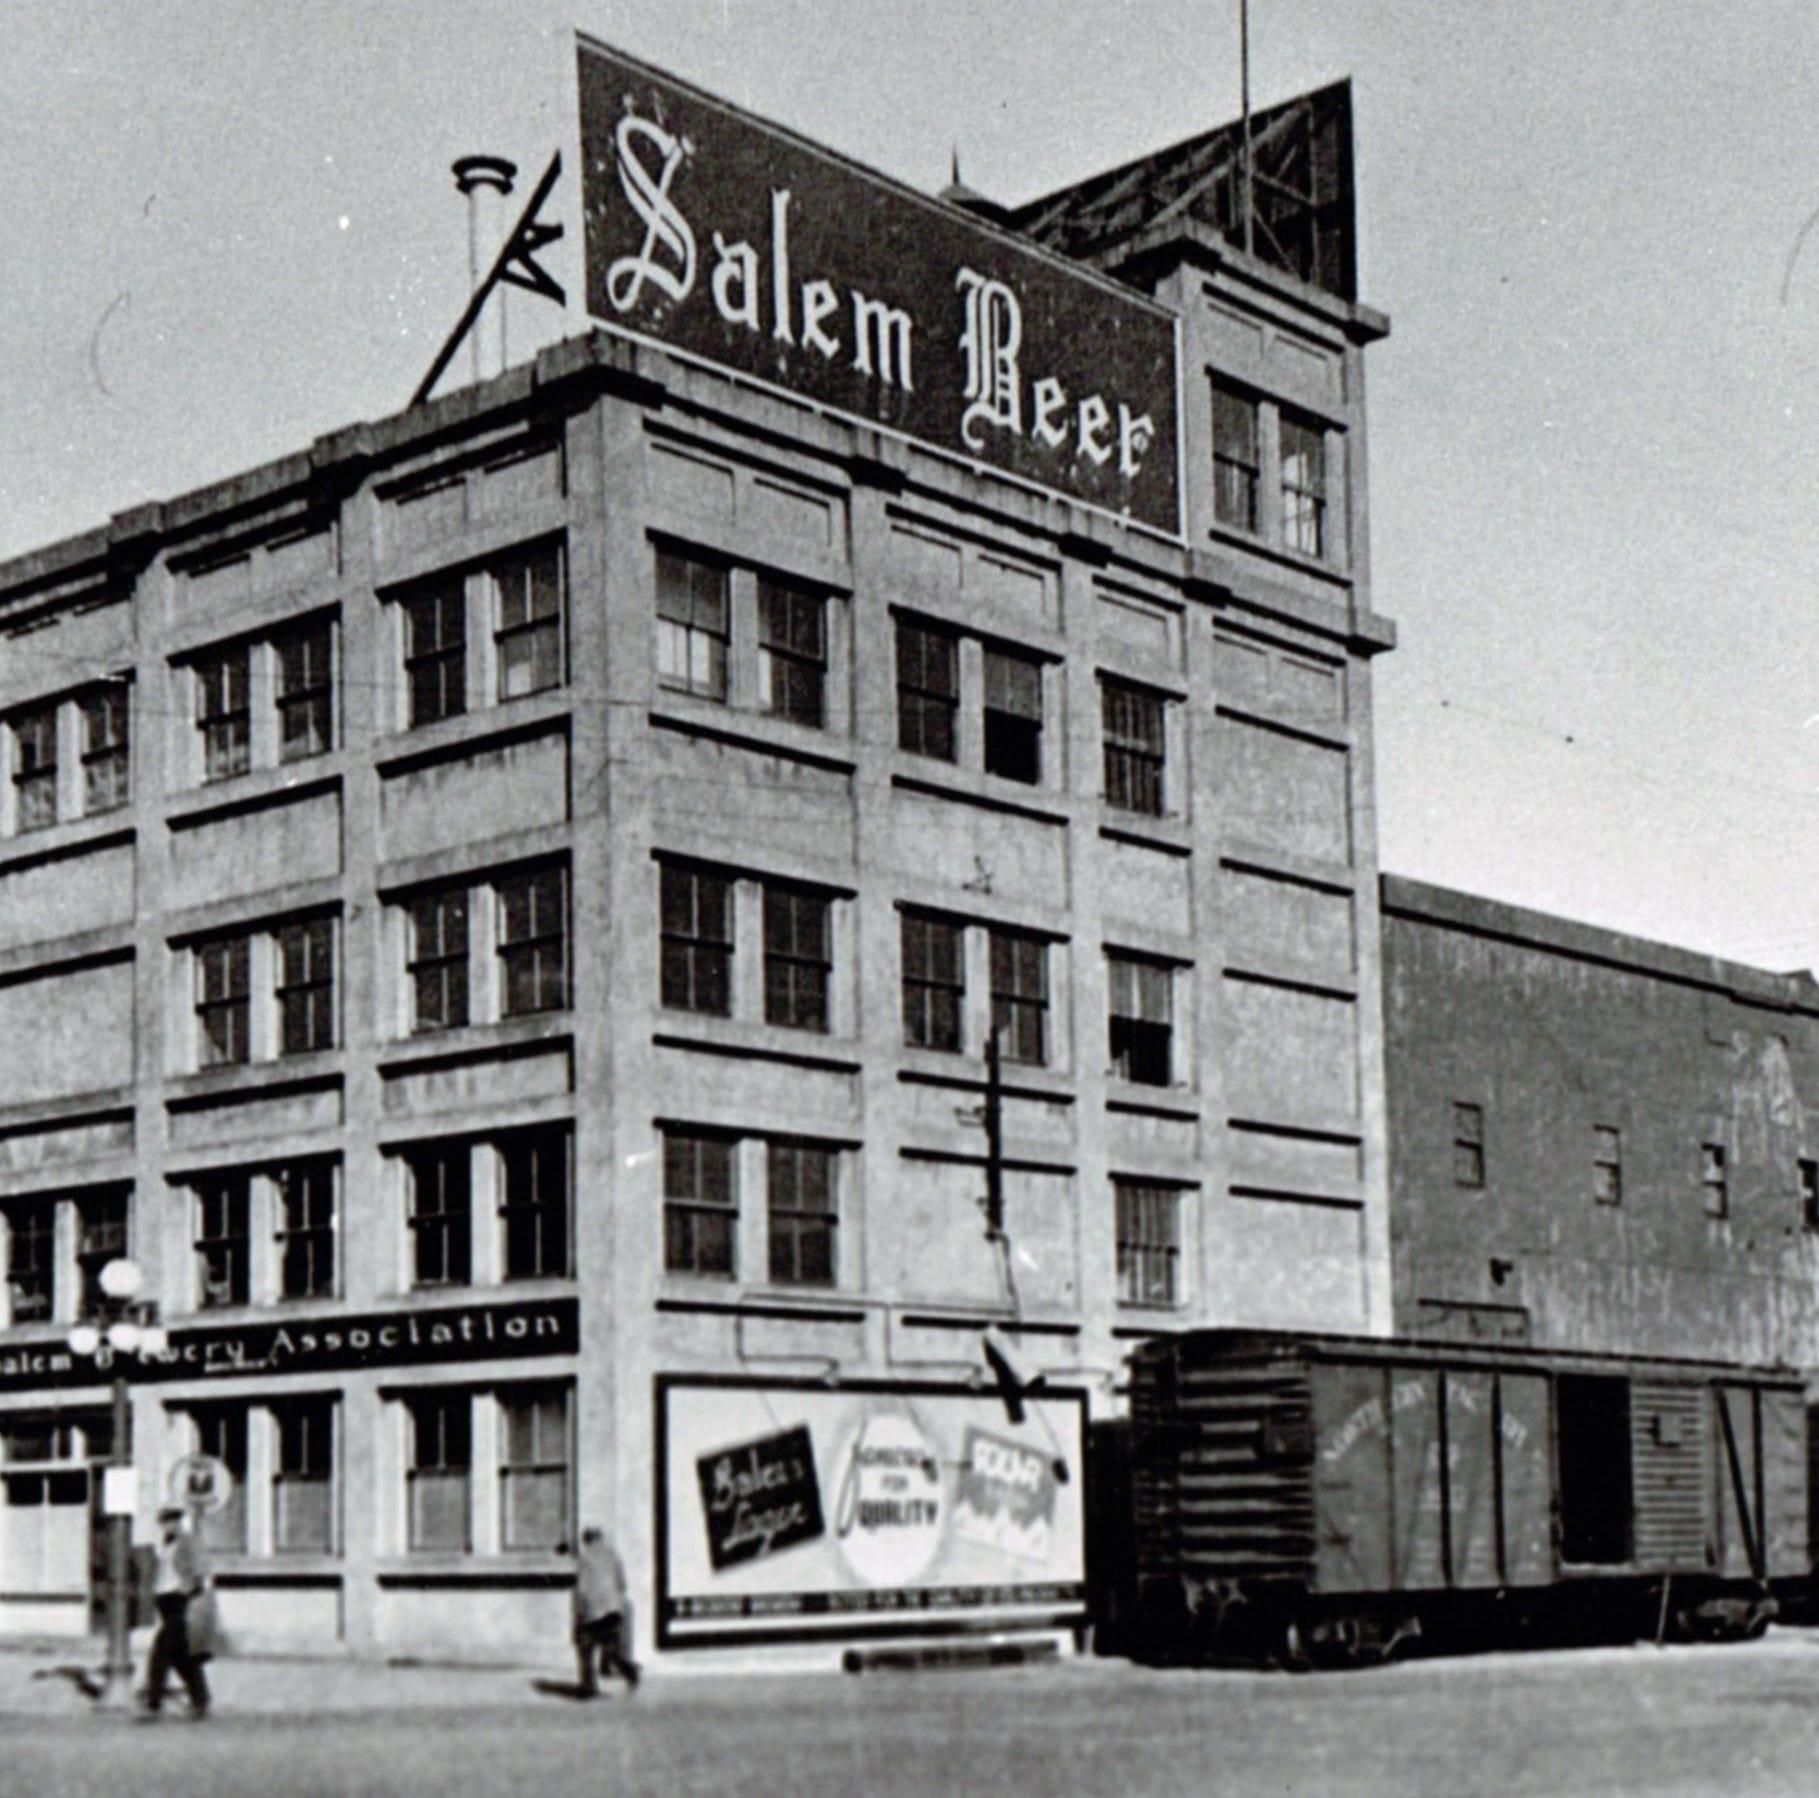 Salem voters ushered in 'dry' era in 1913